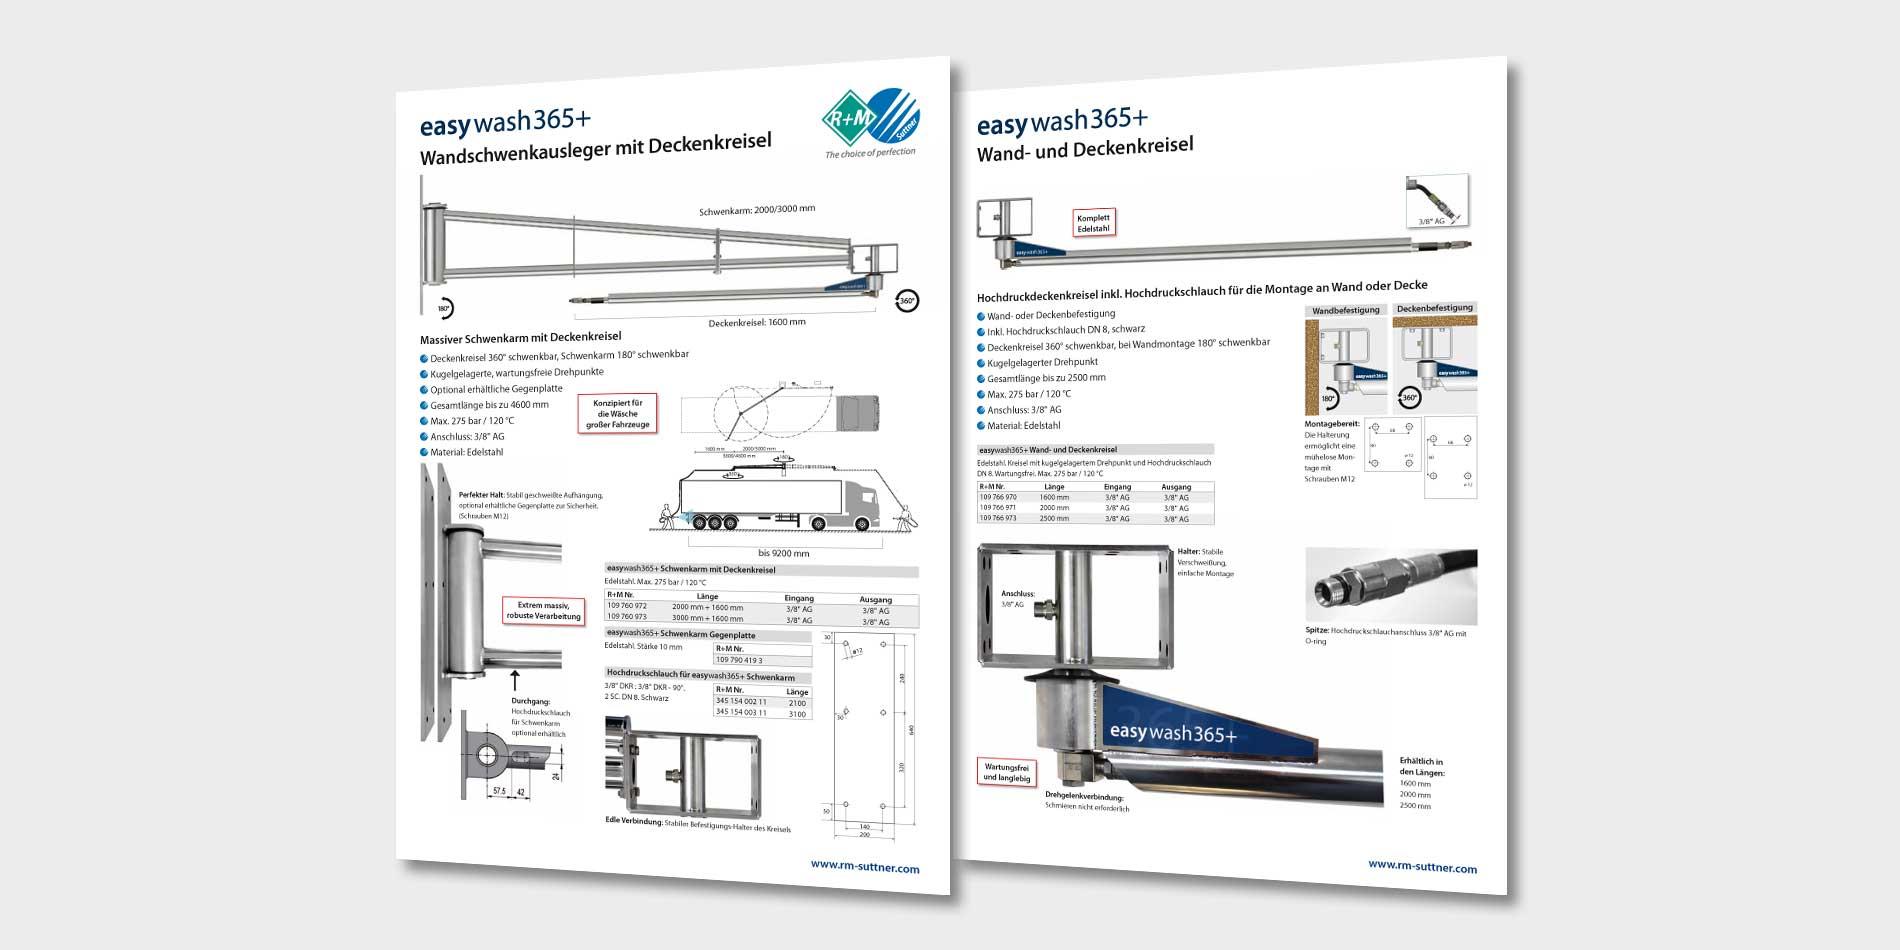 Car Wash Deckenkreisel und Wandschwenkausleger von R+M / Suttner